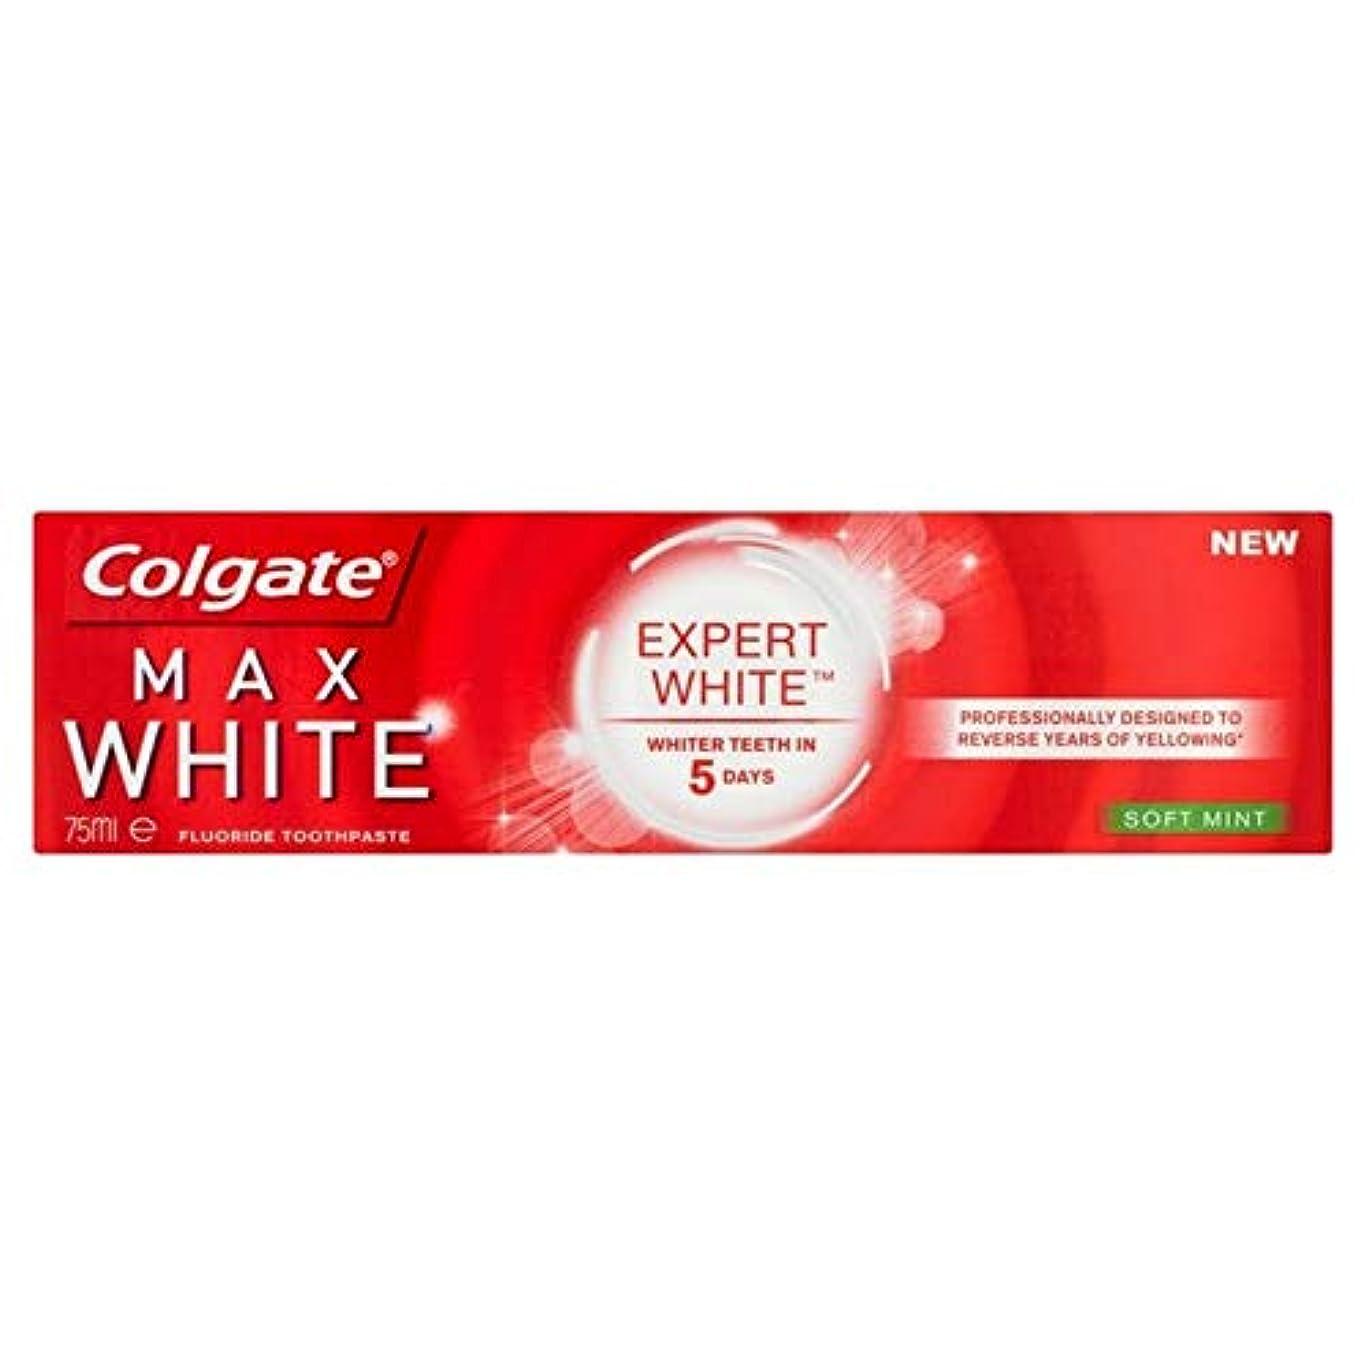 お互い対立ハウジング[Colgate ] コルゲート最大白の専門ソフトミントホワイトニング歯磨き粉75ミリリットル - Colgate Max White Expert Soft Mint Whitening Toothpaste 75ml [並行輸入品]